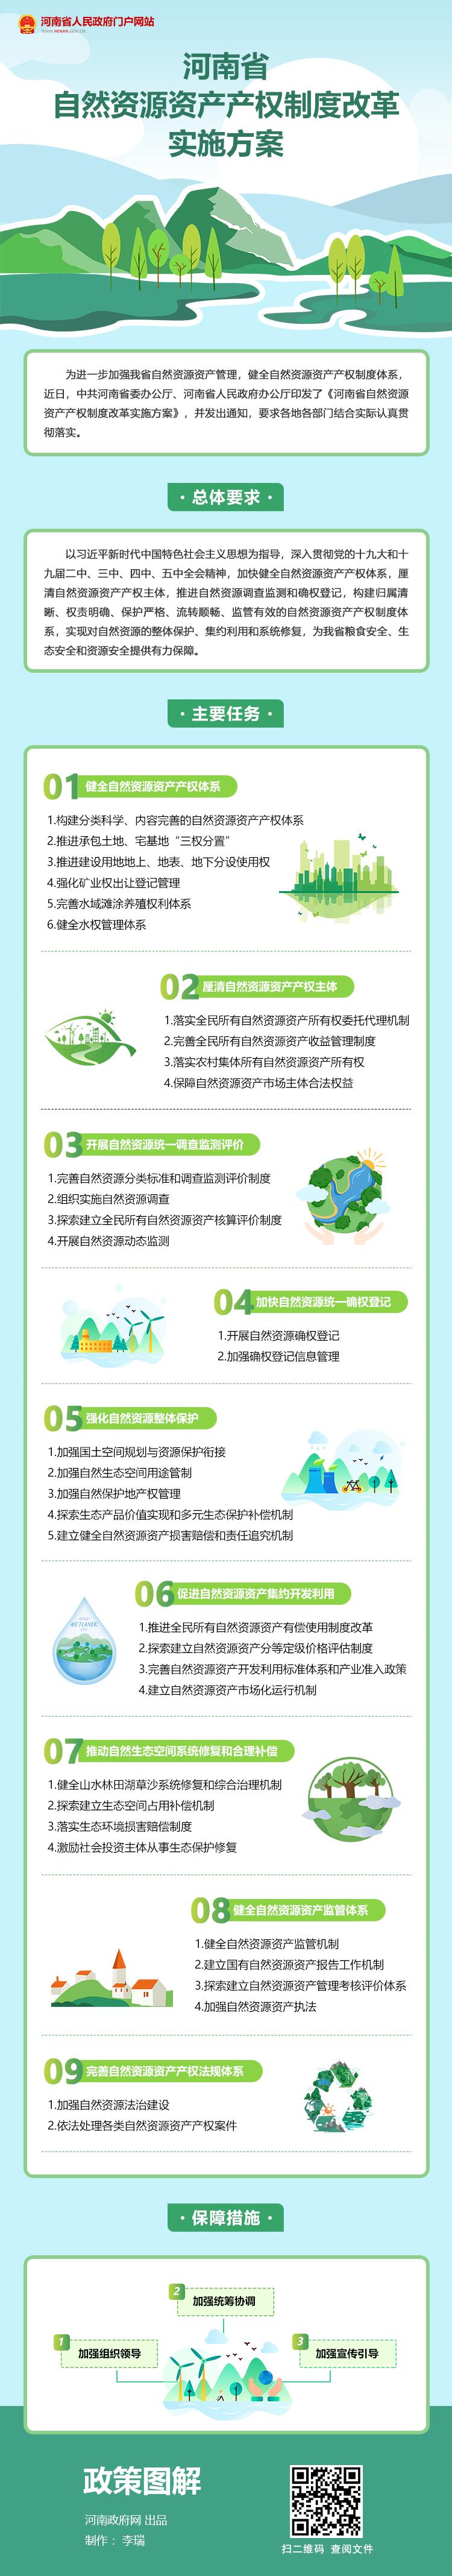 图解:河南省自然资源资产产权制度改革实施方案